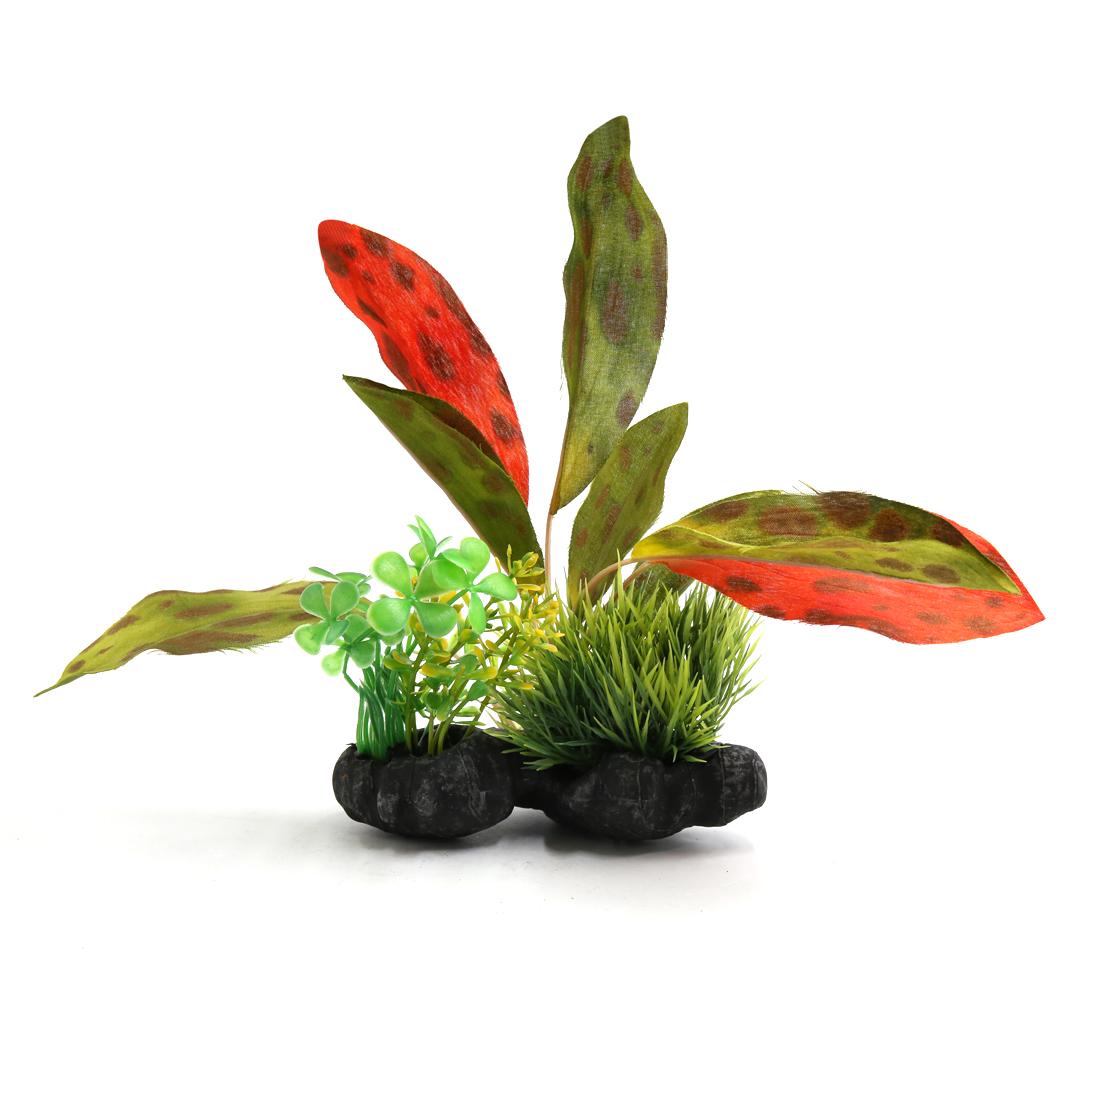 Plastic Terrarium Leaves Plants Underwater Ornament for Reptiles w Ceramic Base